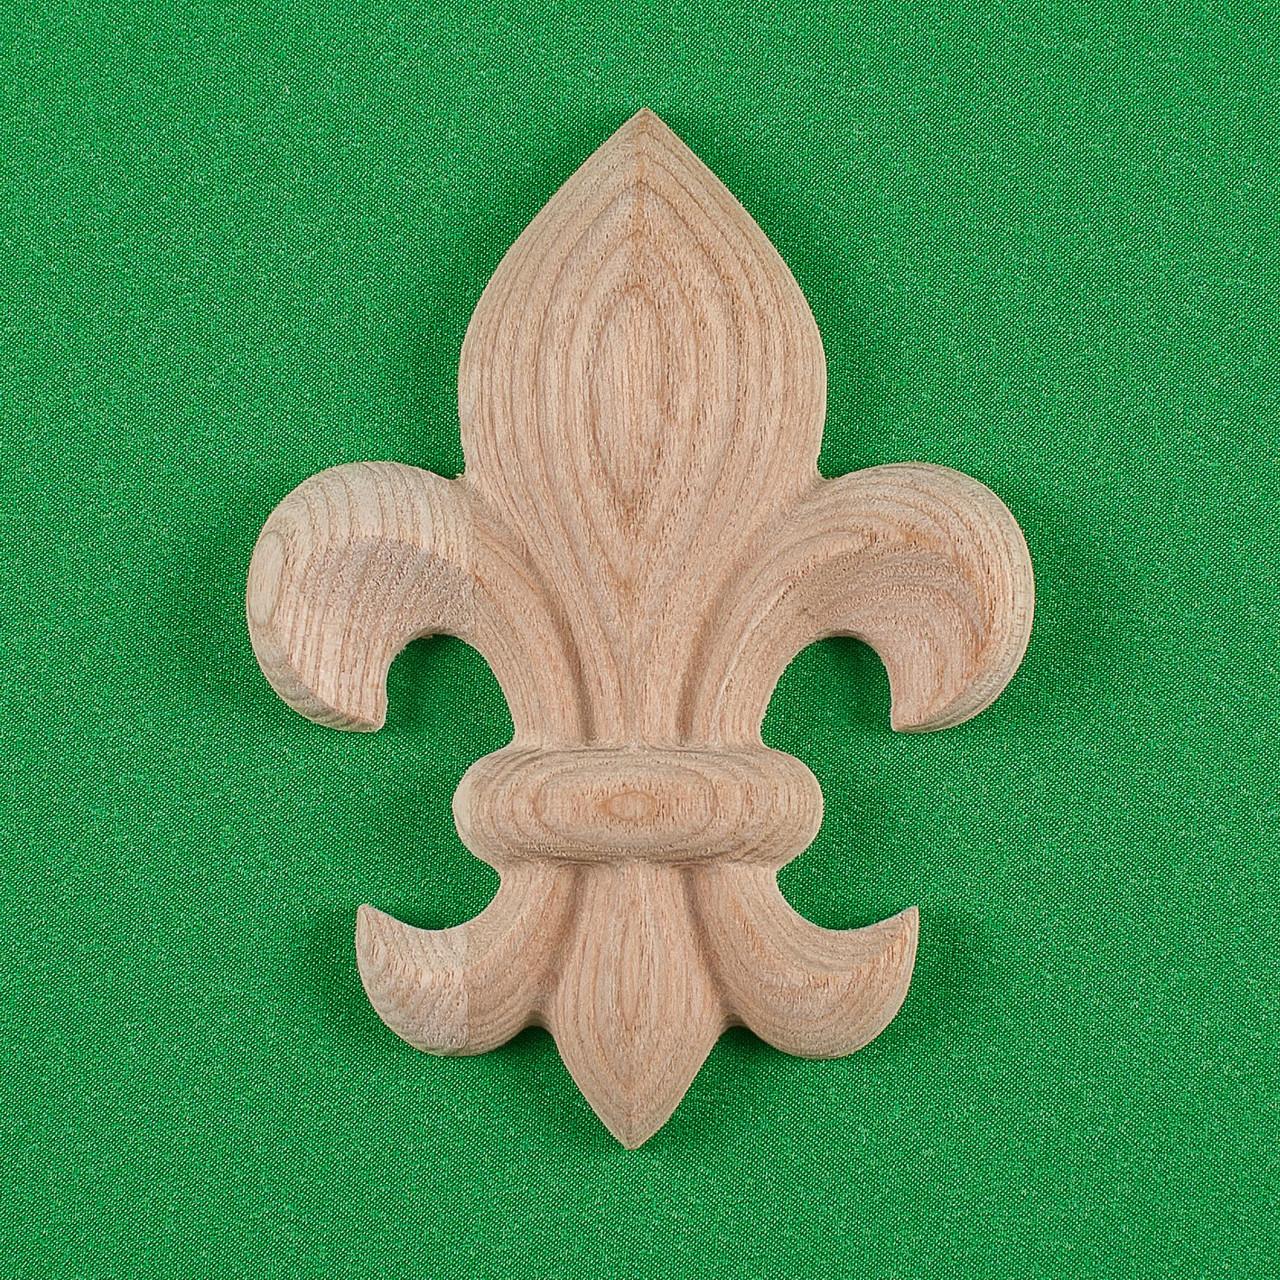 Код ДВ9. Деревянный резной декор для мебели. Декор вертикальный